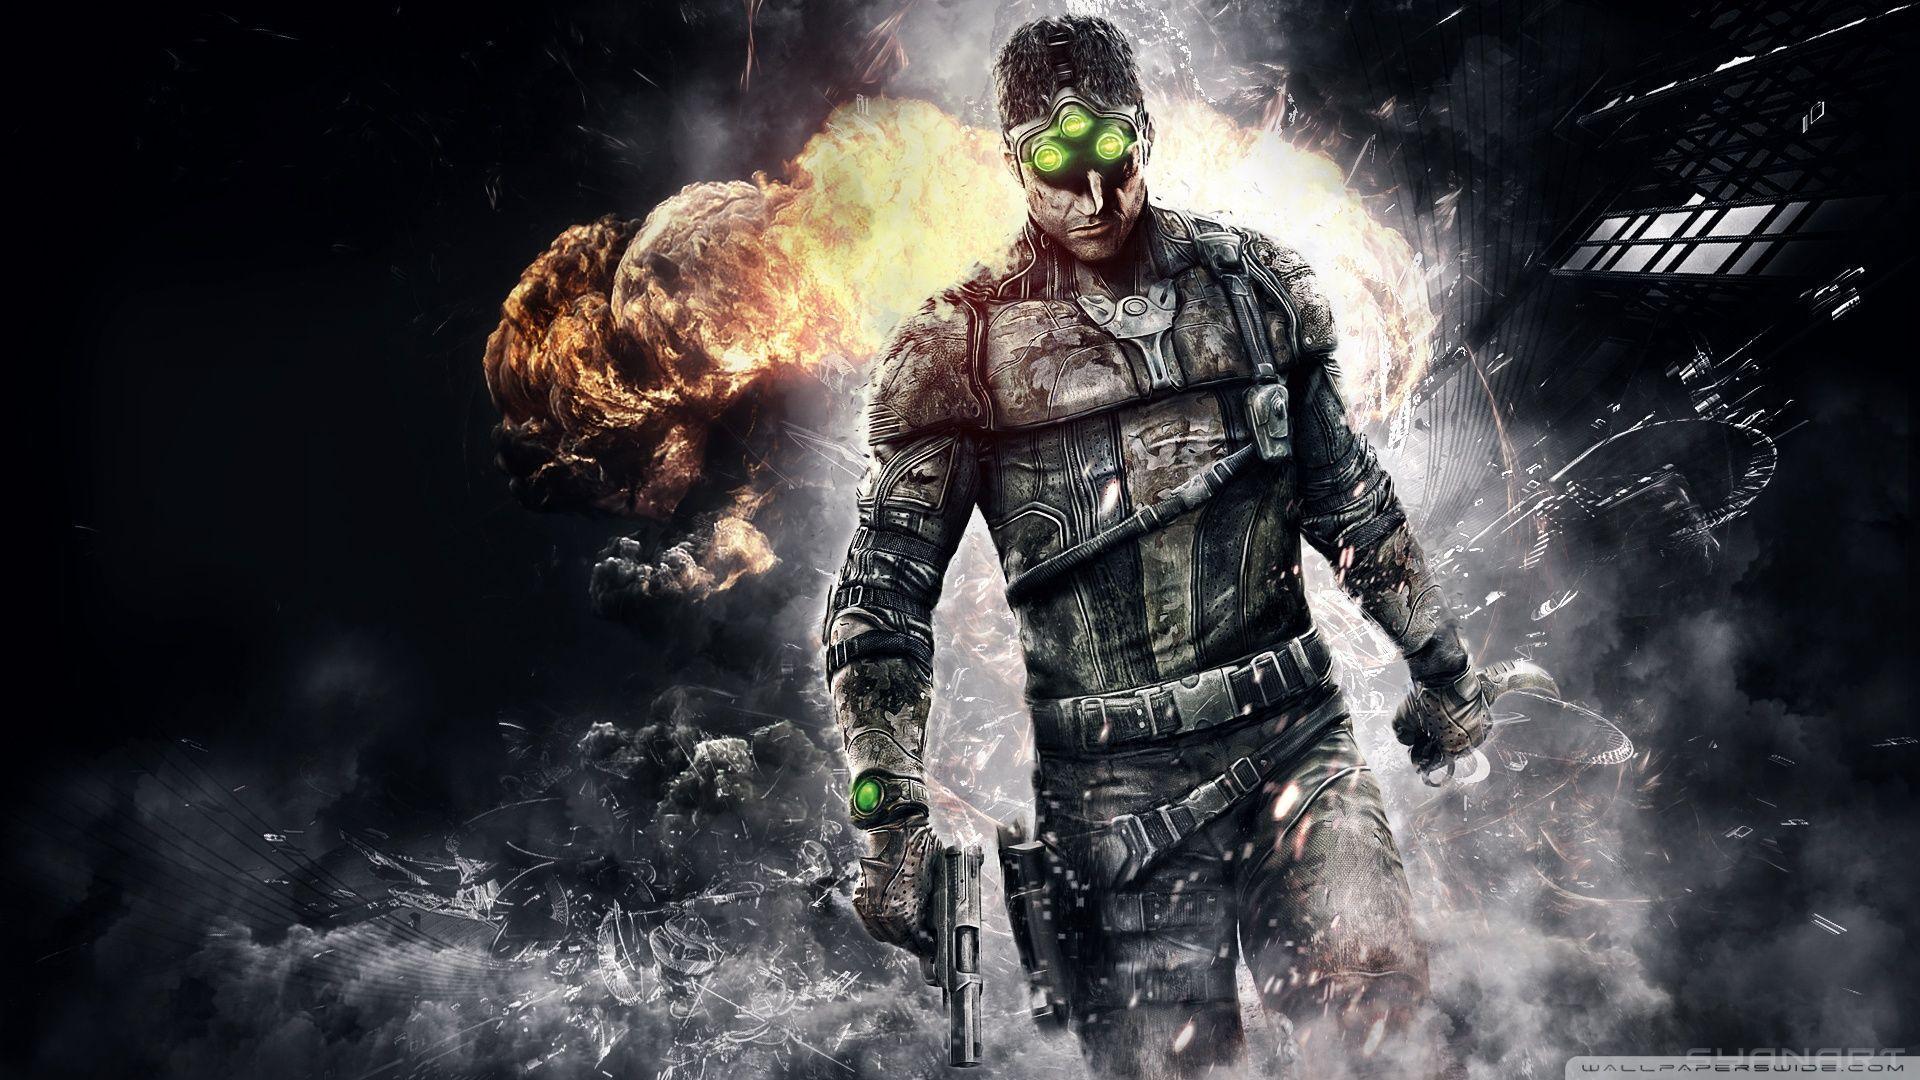 Splinter Cell Blacklist Wallpaper Splinter Cell Blacklist Hd